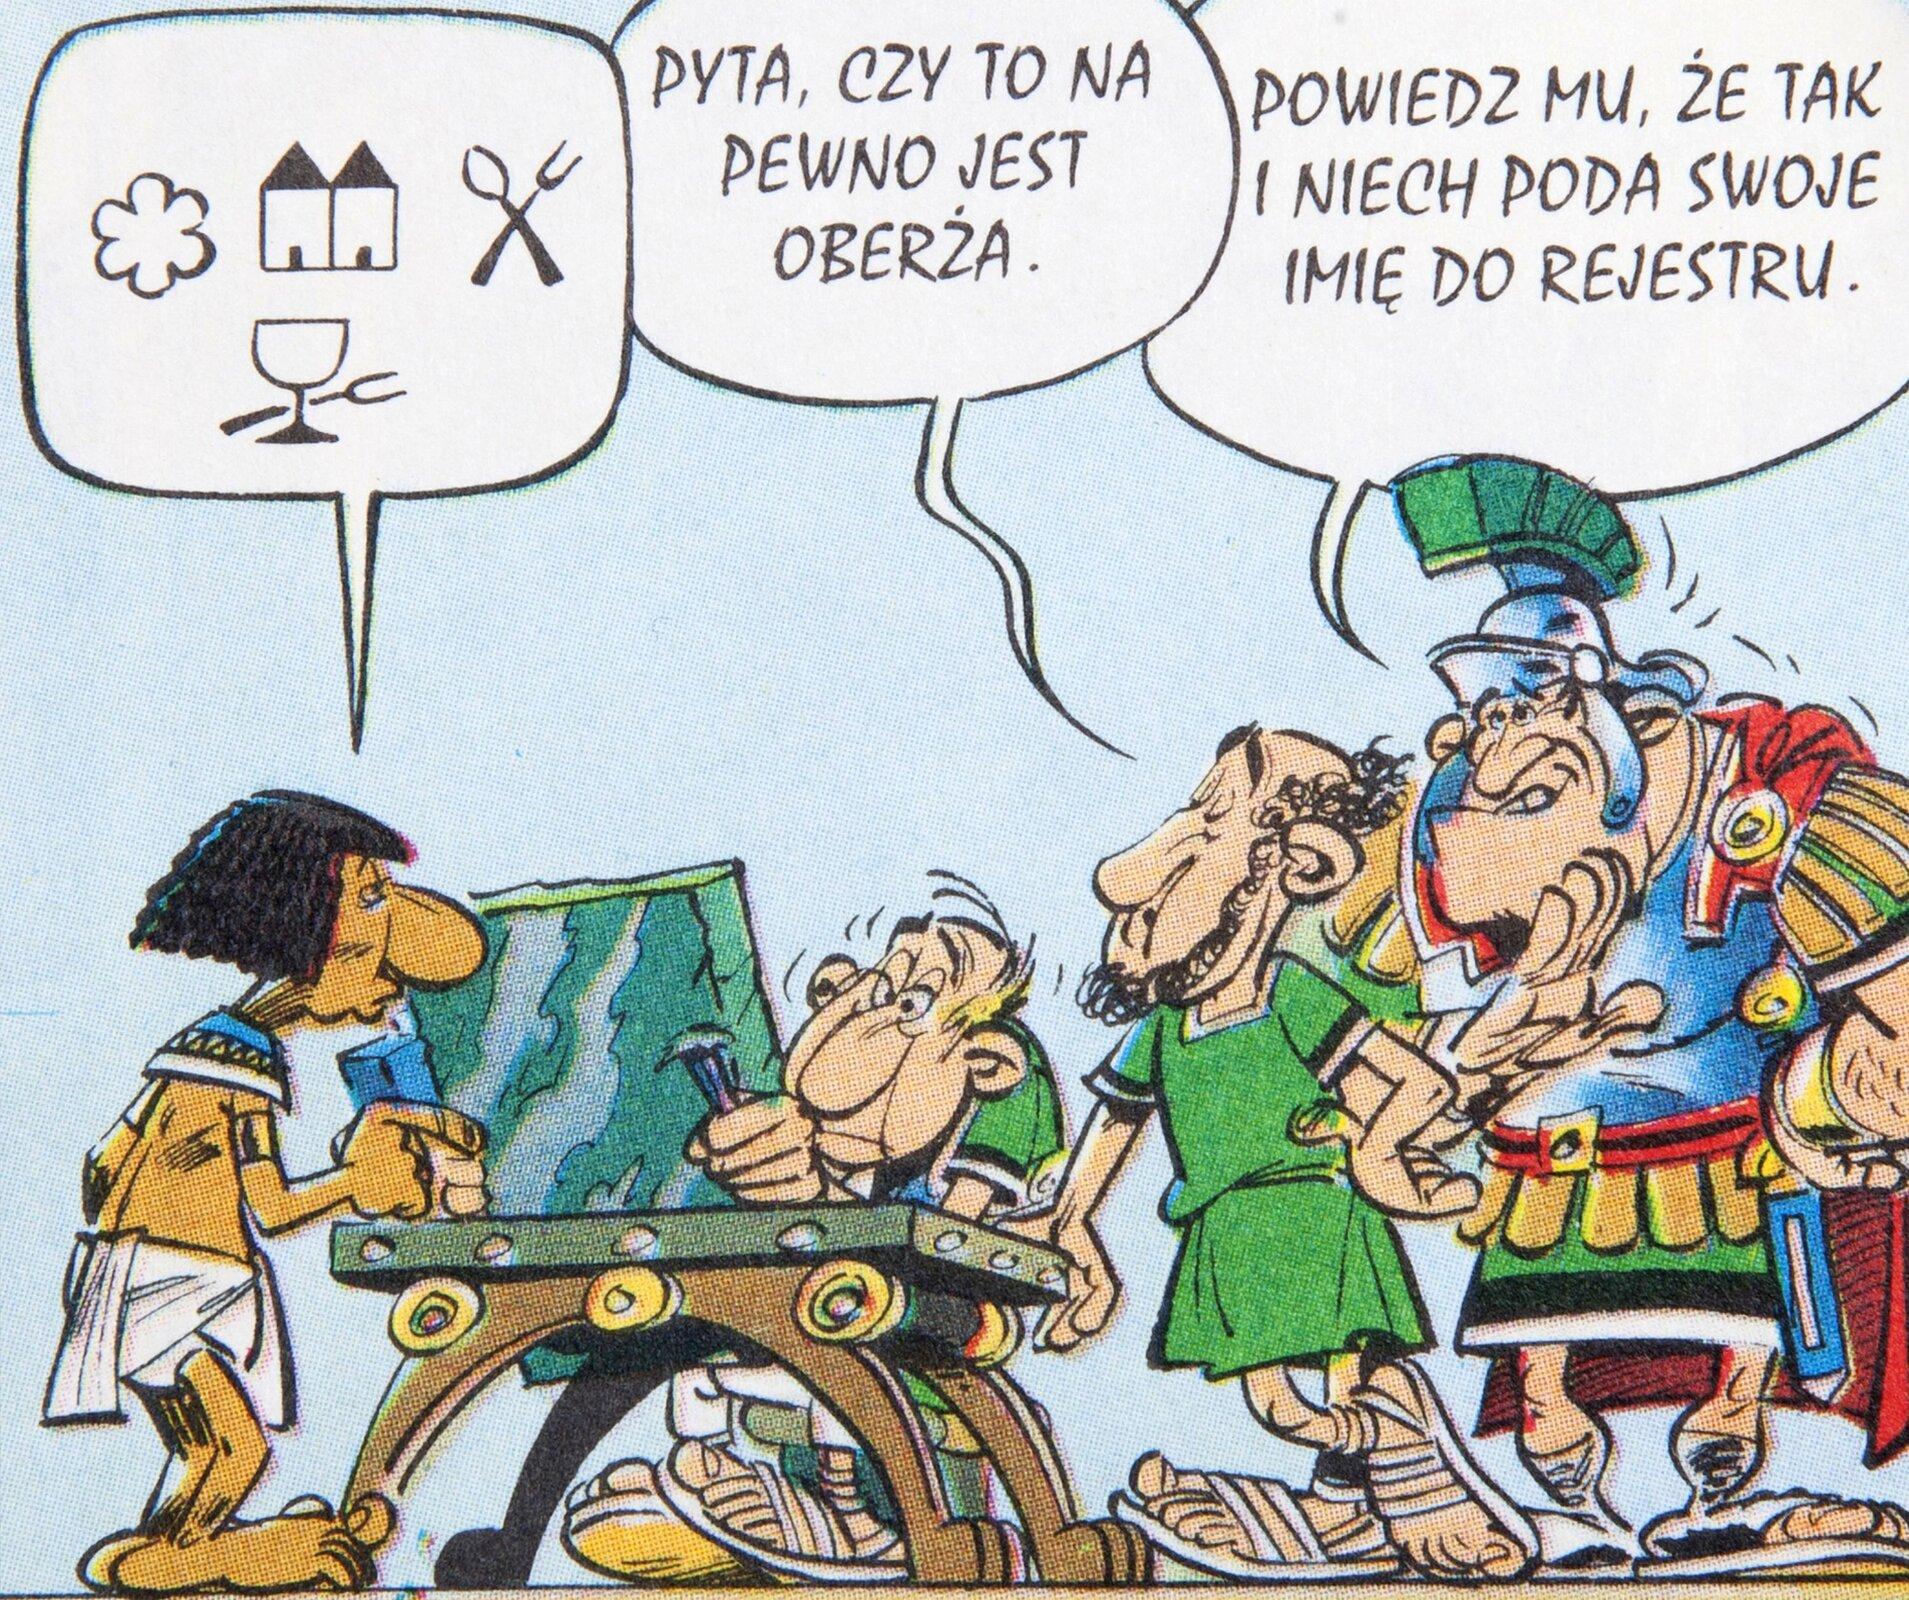 """Ilustracja przedstawia fragment komiksu """"Asterix legionista"""". Ukazuje grupę osób. Po lewej stronie Egipcjanin, używając skomplikowanego kodu językowego, różnego od tego, którym posługują się inni rozmówcy, dyktuje tekst zapisywany dłutem na tablicy przez skrybę, siedzącego przy stoliku. Wdymku znajdują się znaki ikoniczne: kwiatek, dwie wieże, łyżka iwidelec oraz kieliszek iwidelec. Mężczyzna tłumaczy Rzymianinowi: """"Pyta, czy to na pewno jest oberża"""", na co wojownik odpowiada: """"Powiedz mu, że tak iniech poda swoje imię do rejestru""""."""